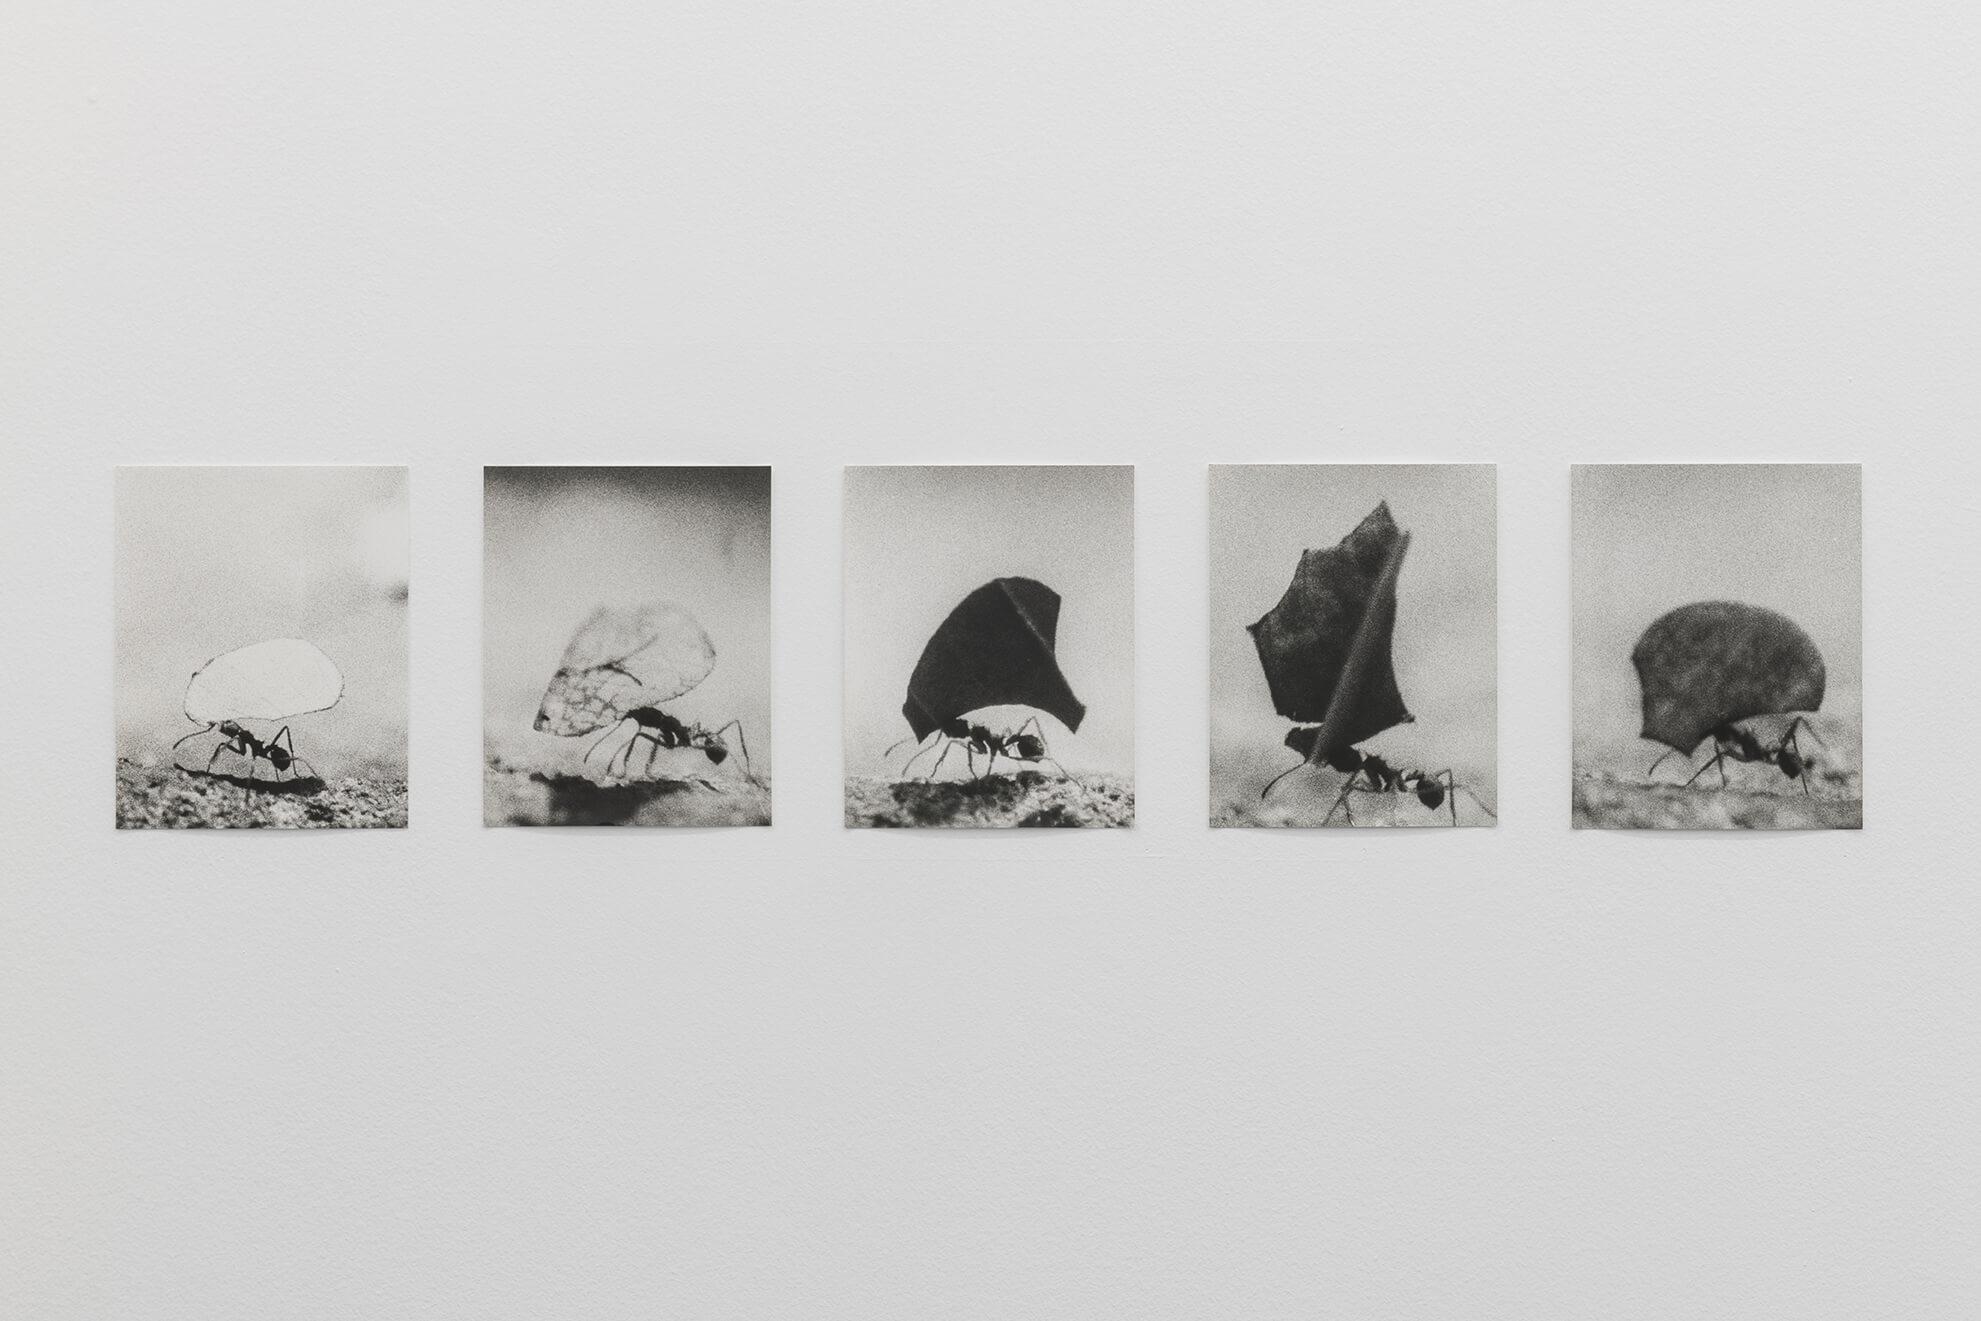 Untitled (Blattschneiderameisen), 2016 |  | ProjecteSD